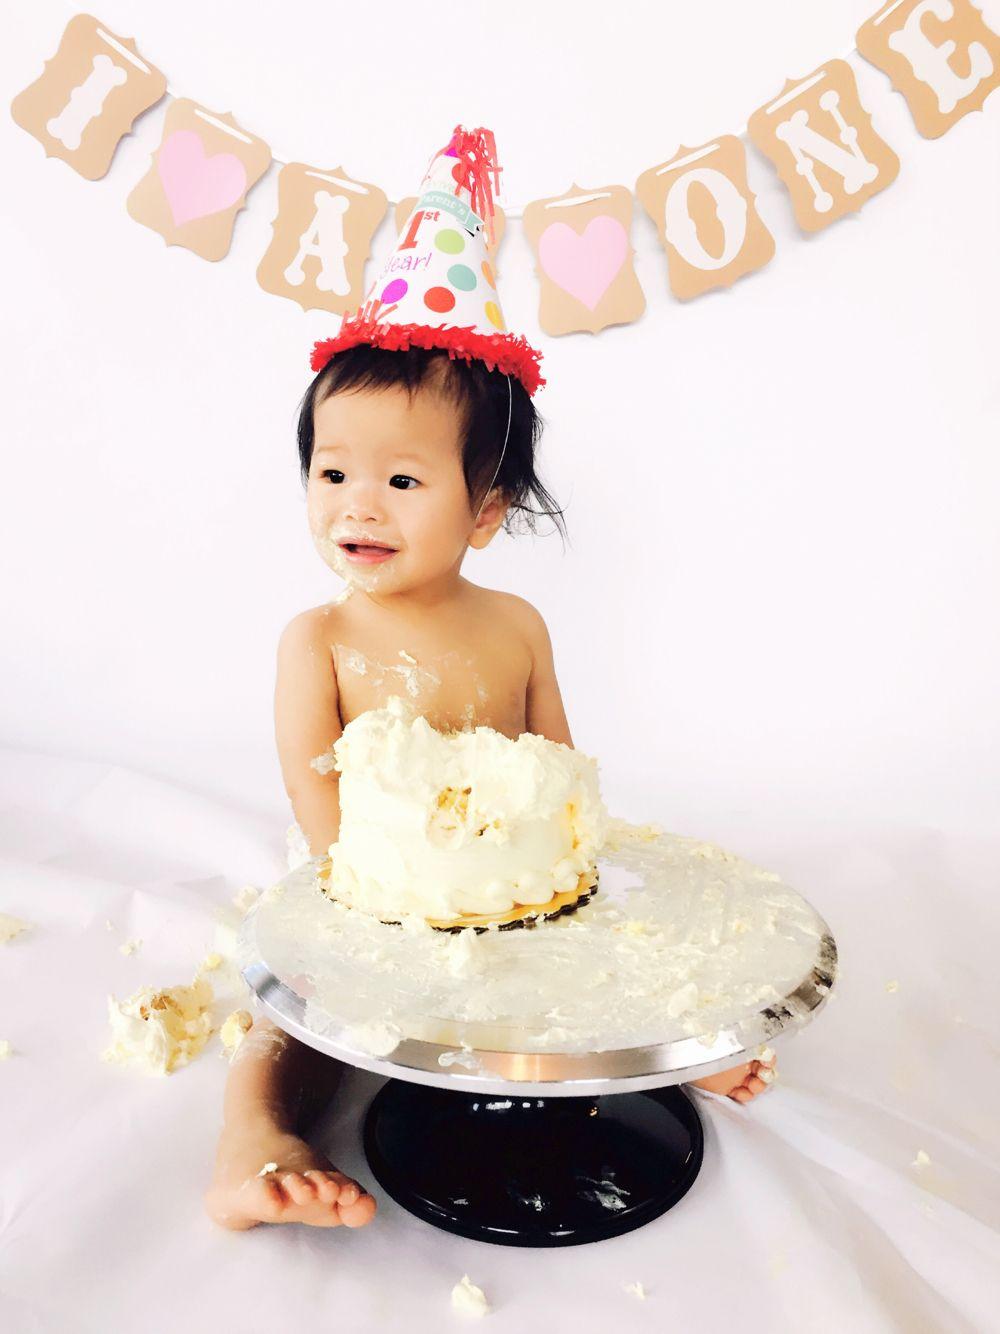 First birthday cake smash photo taken at home! Cake